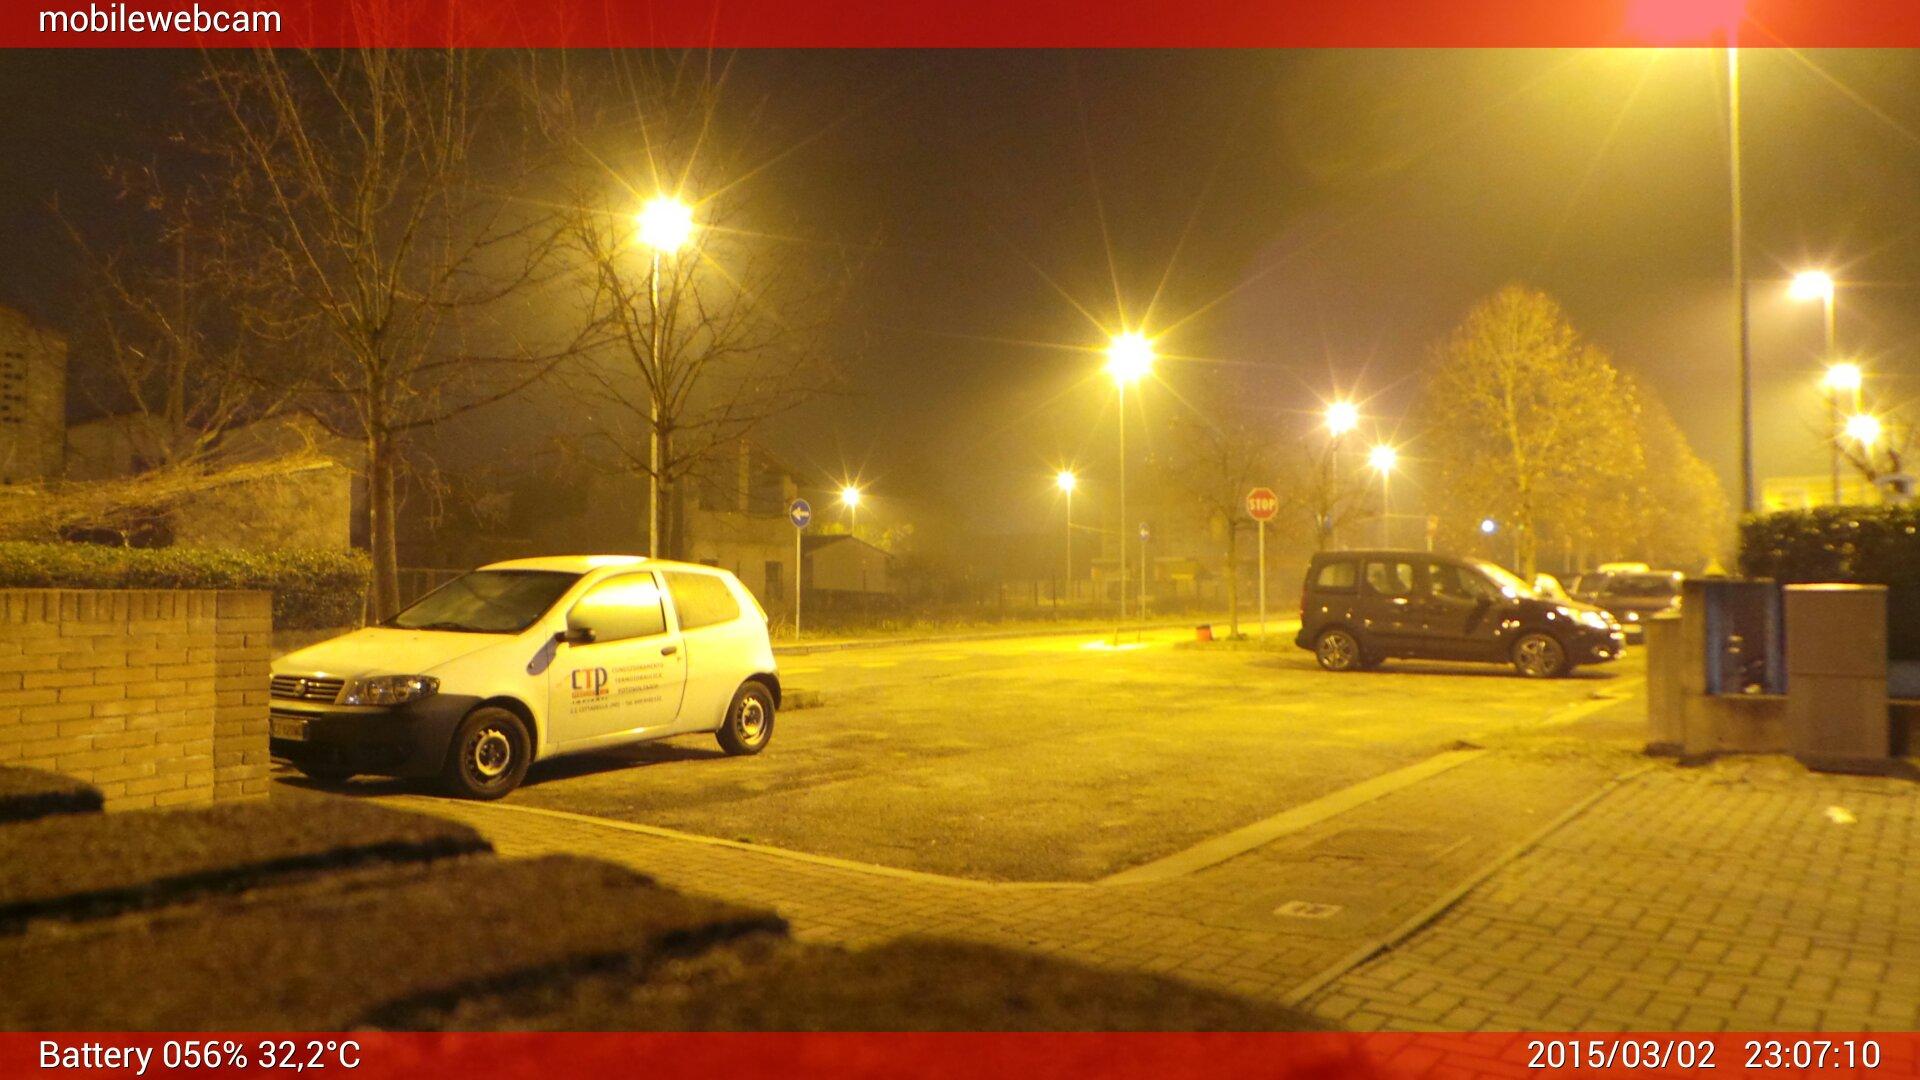 Webcam sperimentale HD con Samsung Galaxy-currentgc.jpeg